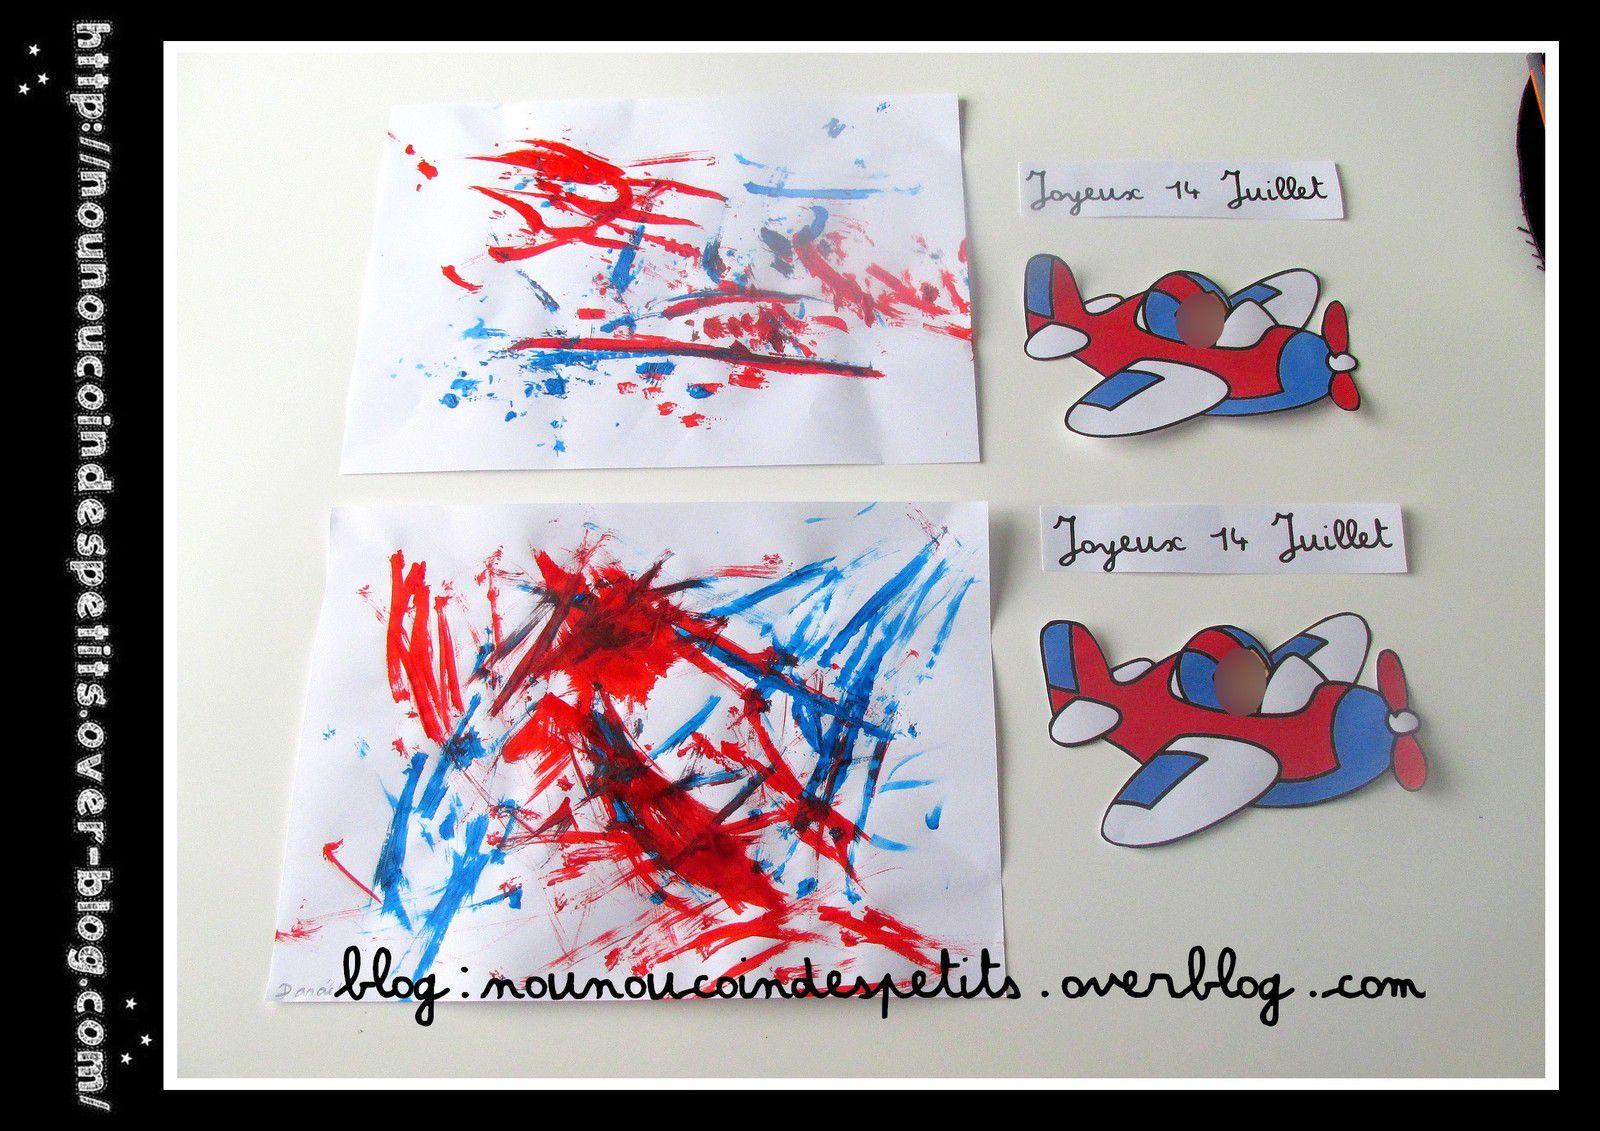 .. Joyeux 14 Juillet peinture au fil chenille ..